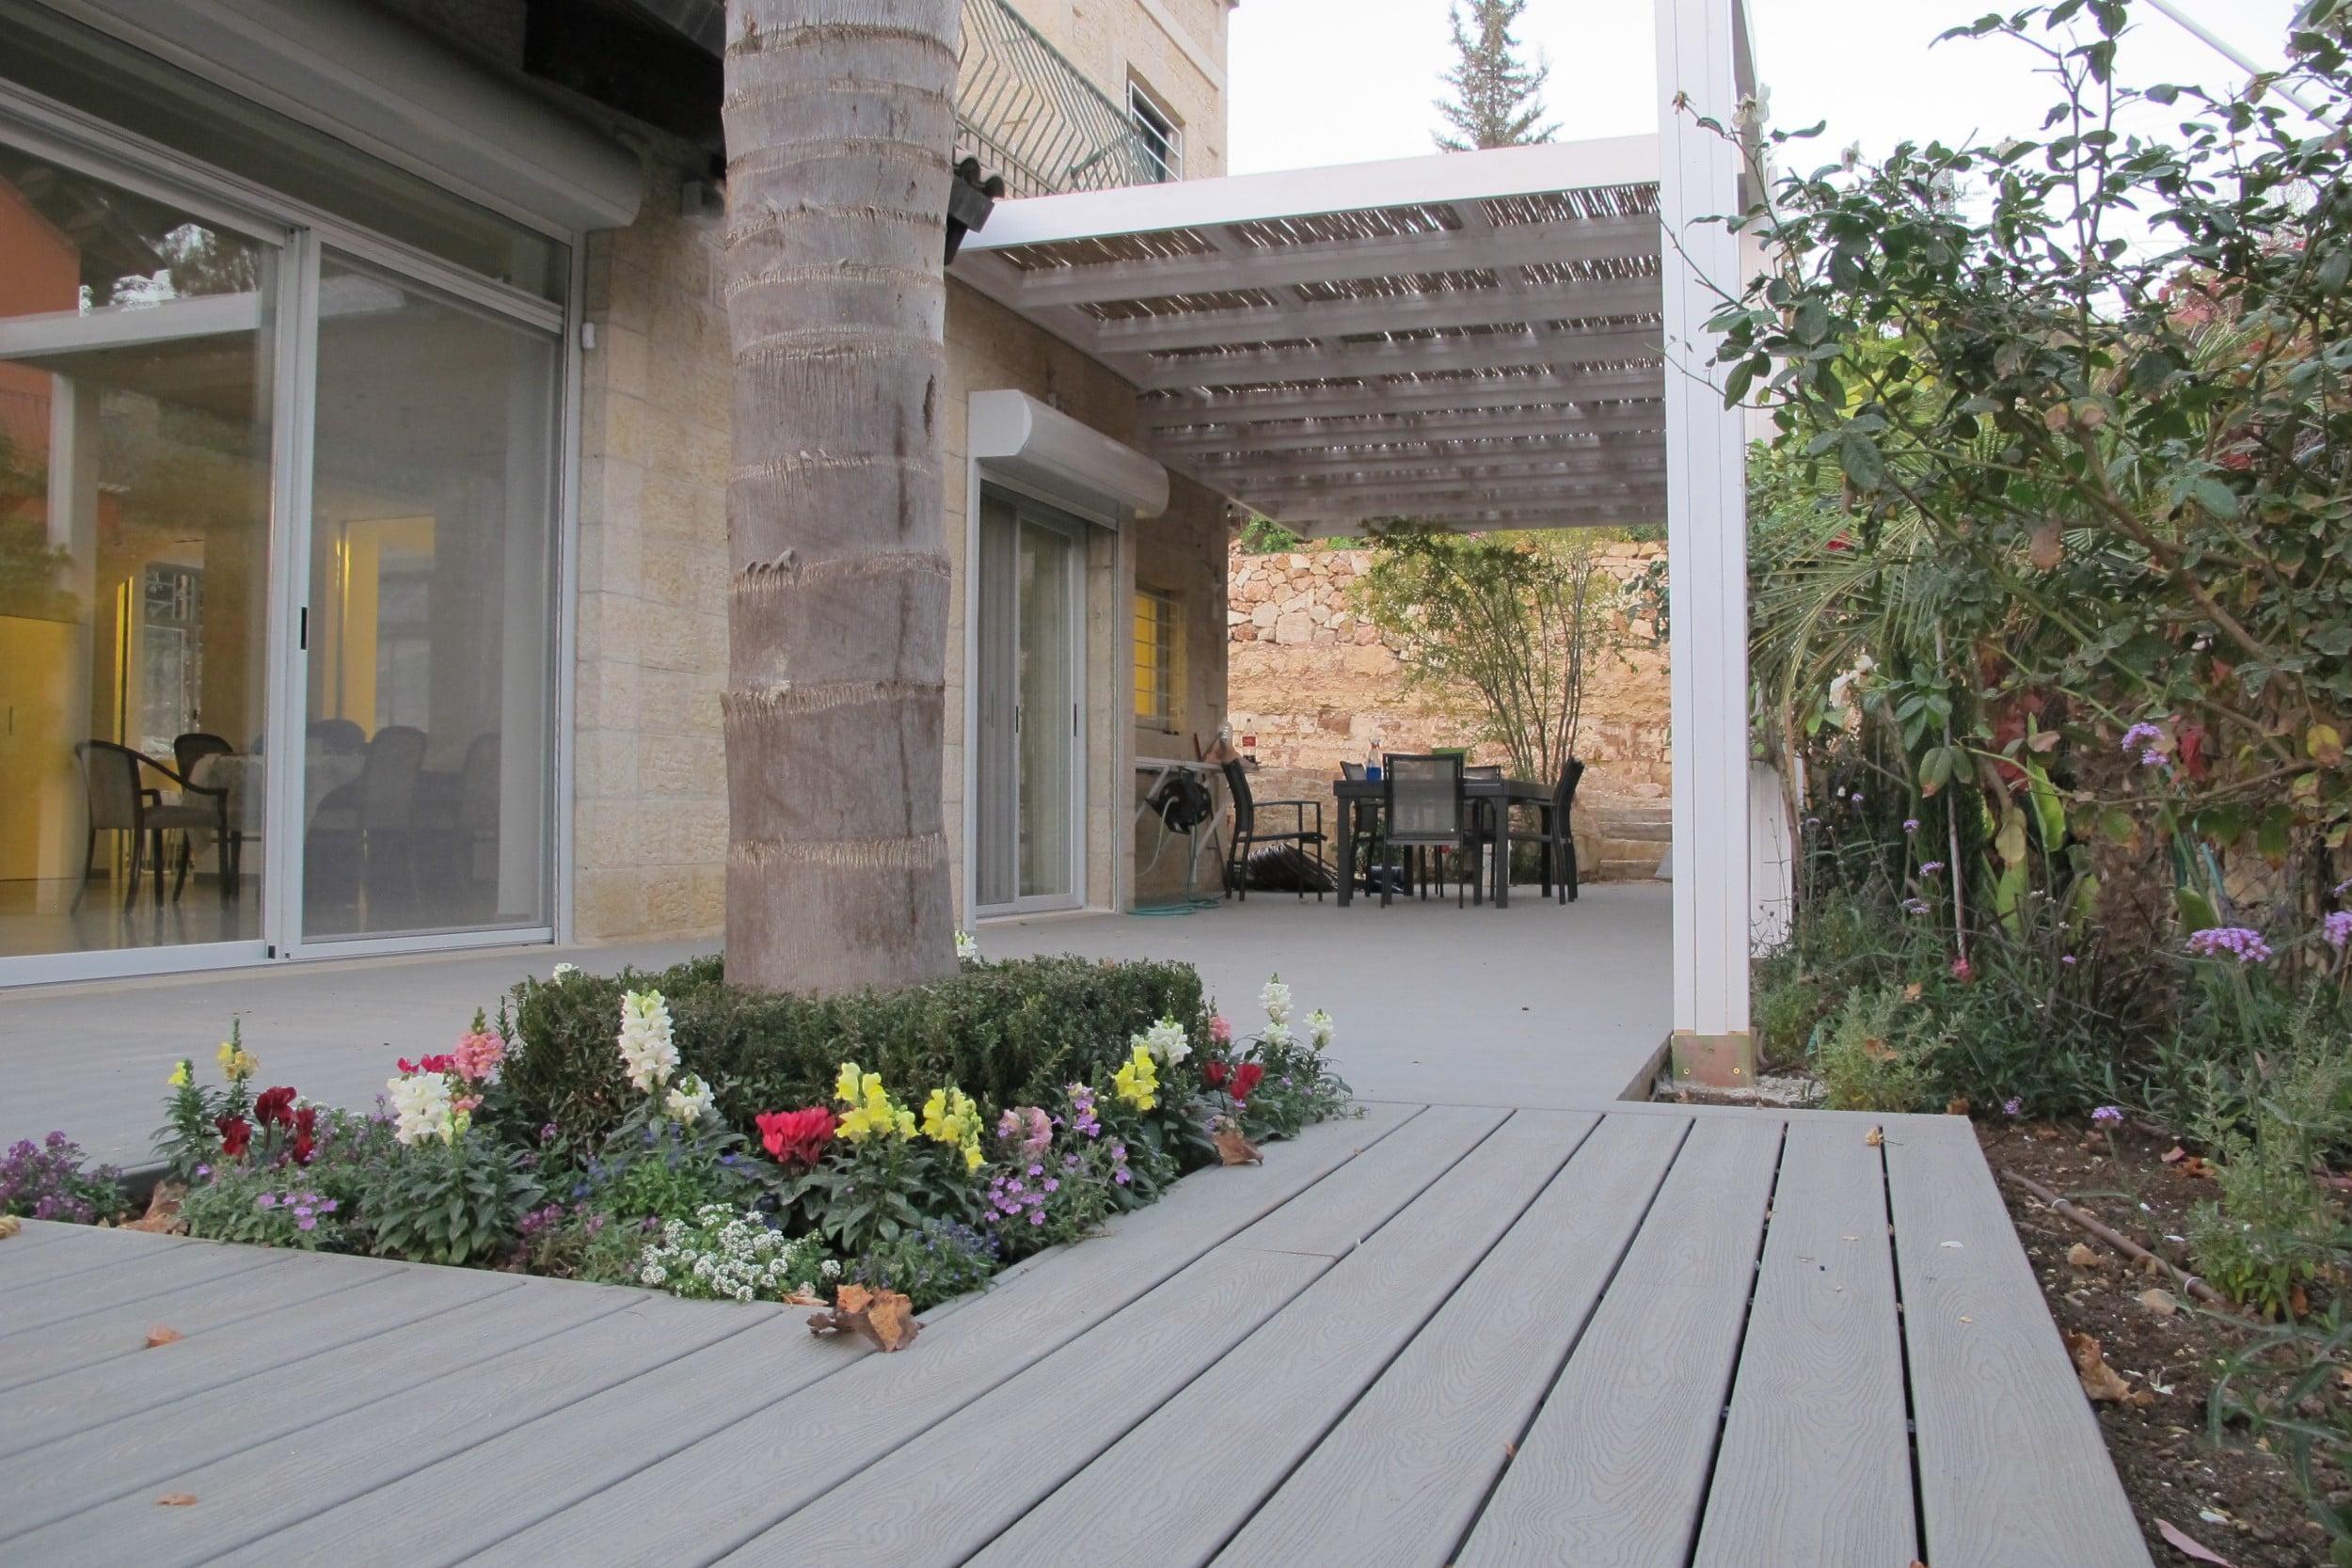 דק סינטטי, דק אורן בבית פרטי בבית זית - חברת TREX מומחים בדקים סינטטיים לחצר, דק לגינה ודק למרפסת